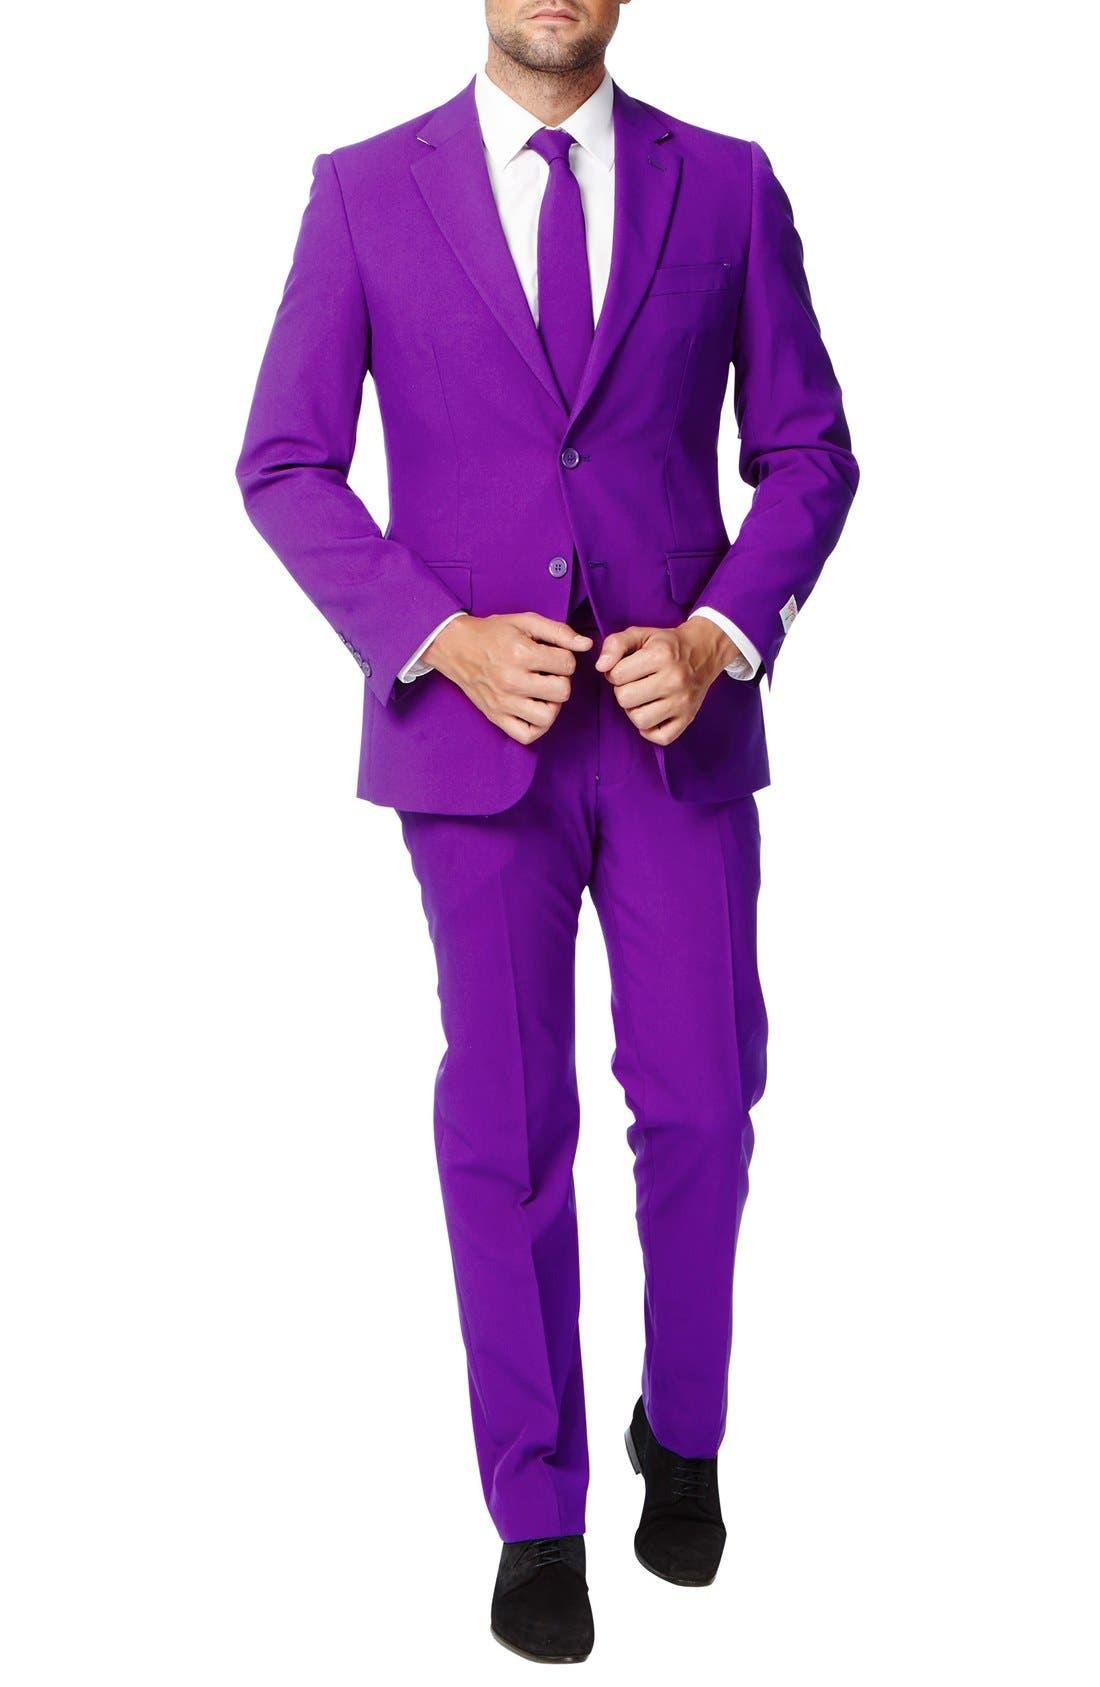 'Purple Prince' Trim Fit Two-Piece Suit with Tie,                             Alternate thumbnail 4, color,                             500